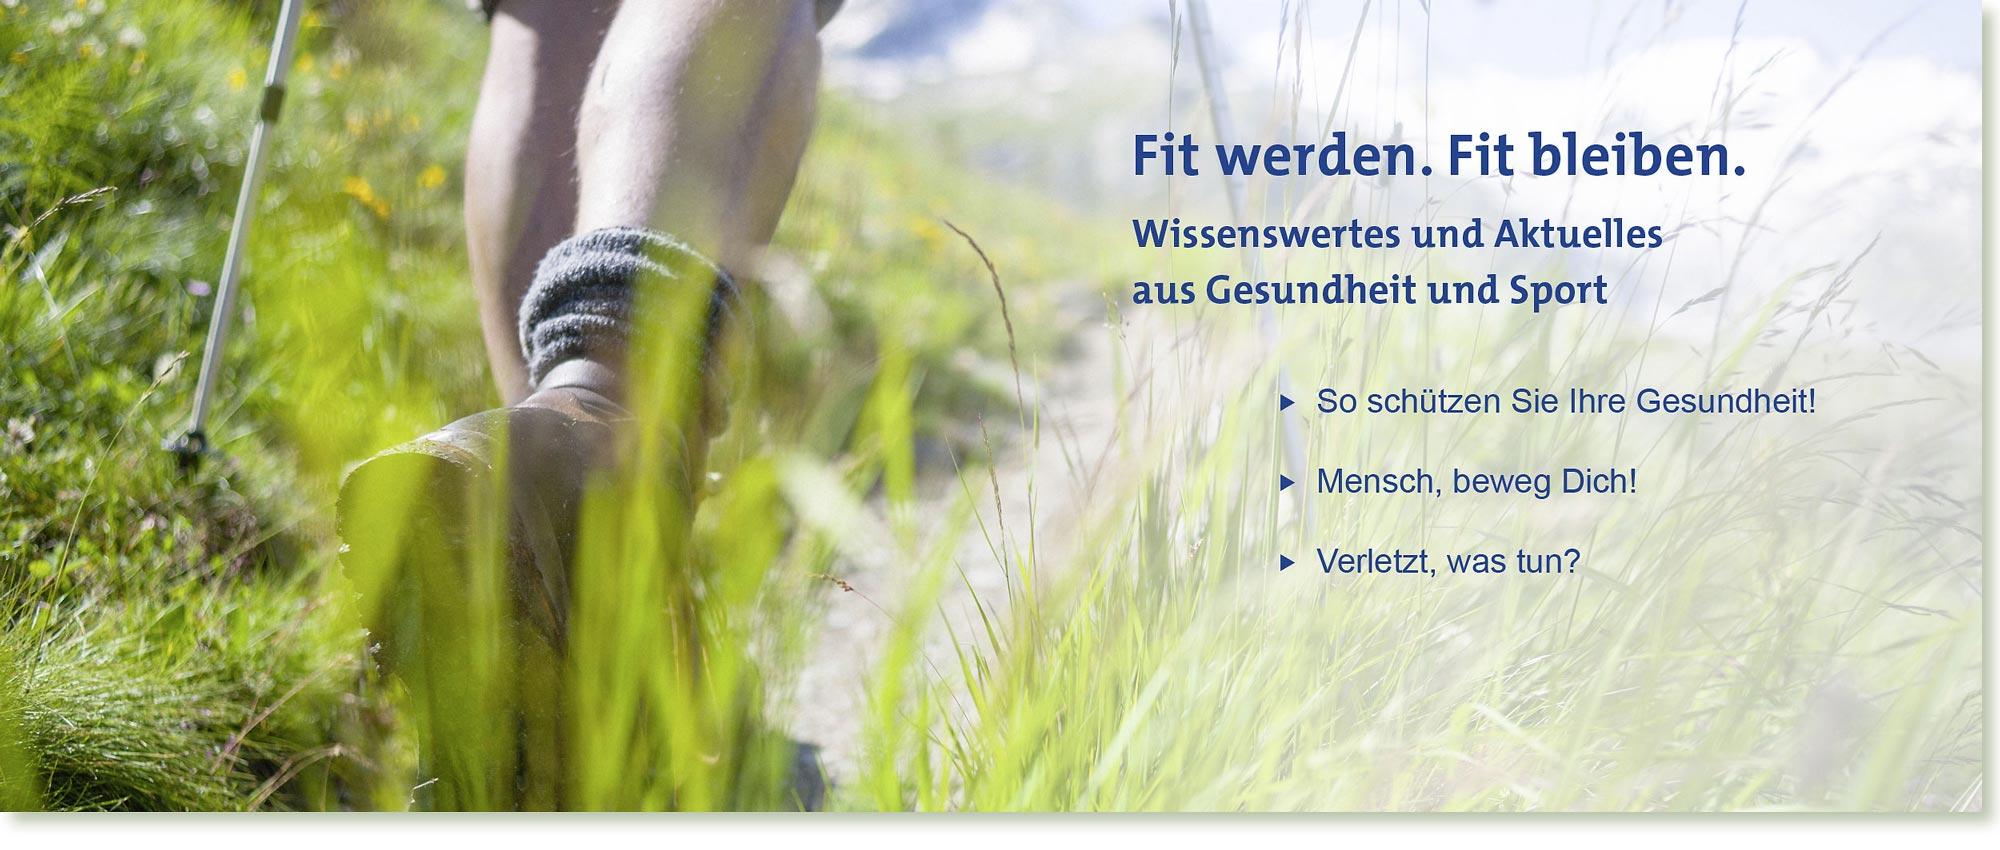 HeadImage | [formula] Müller-Wohlfahrt Gesundheit und Sport im Fruehling